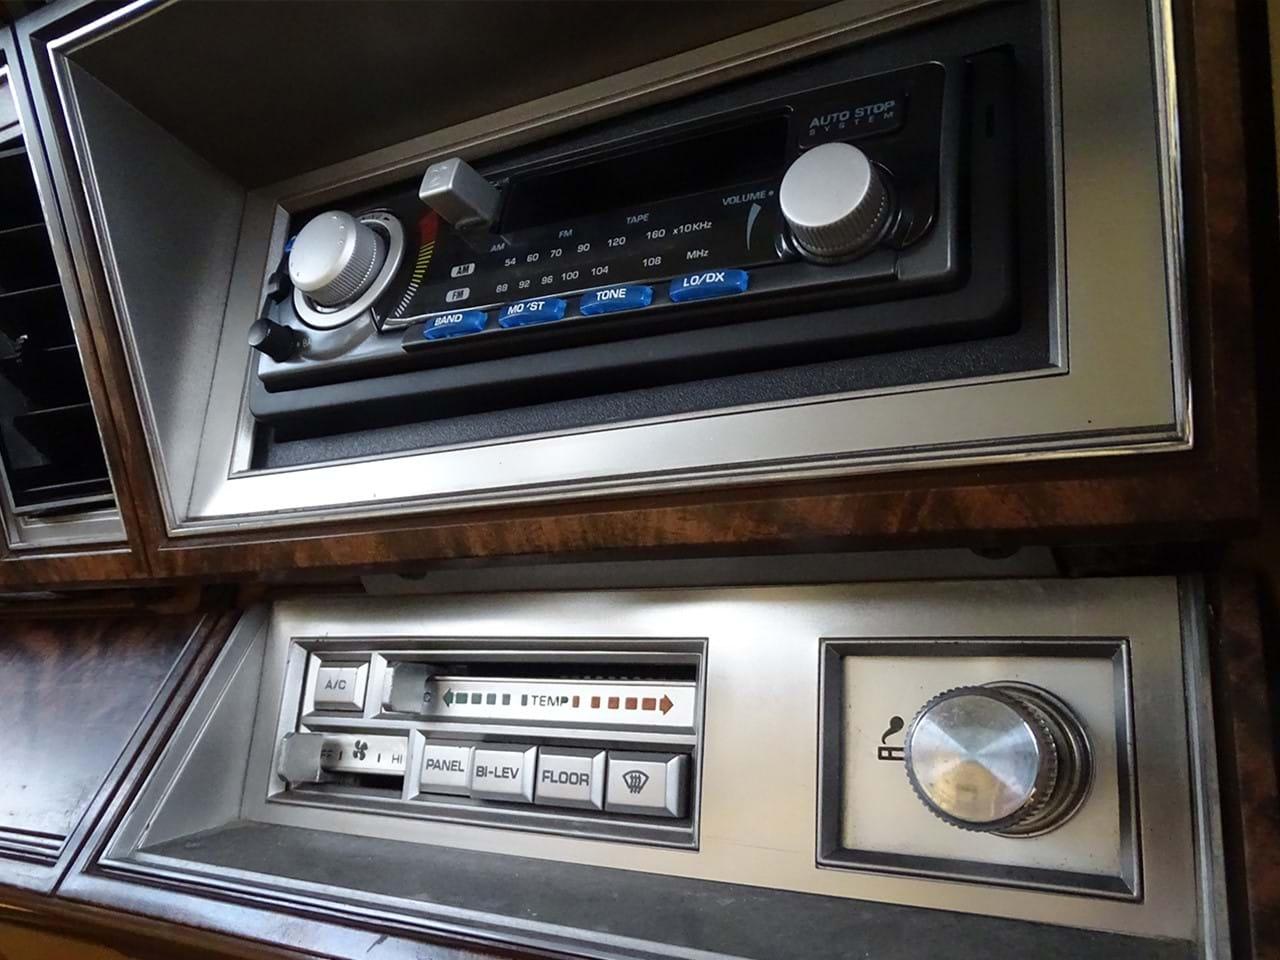 1985 Chrysler LeBaron Town and Country Wagon radio